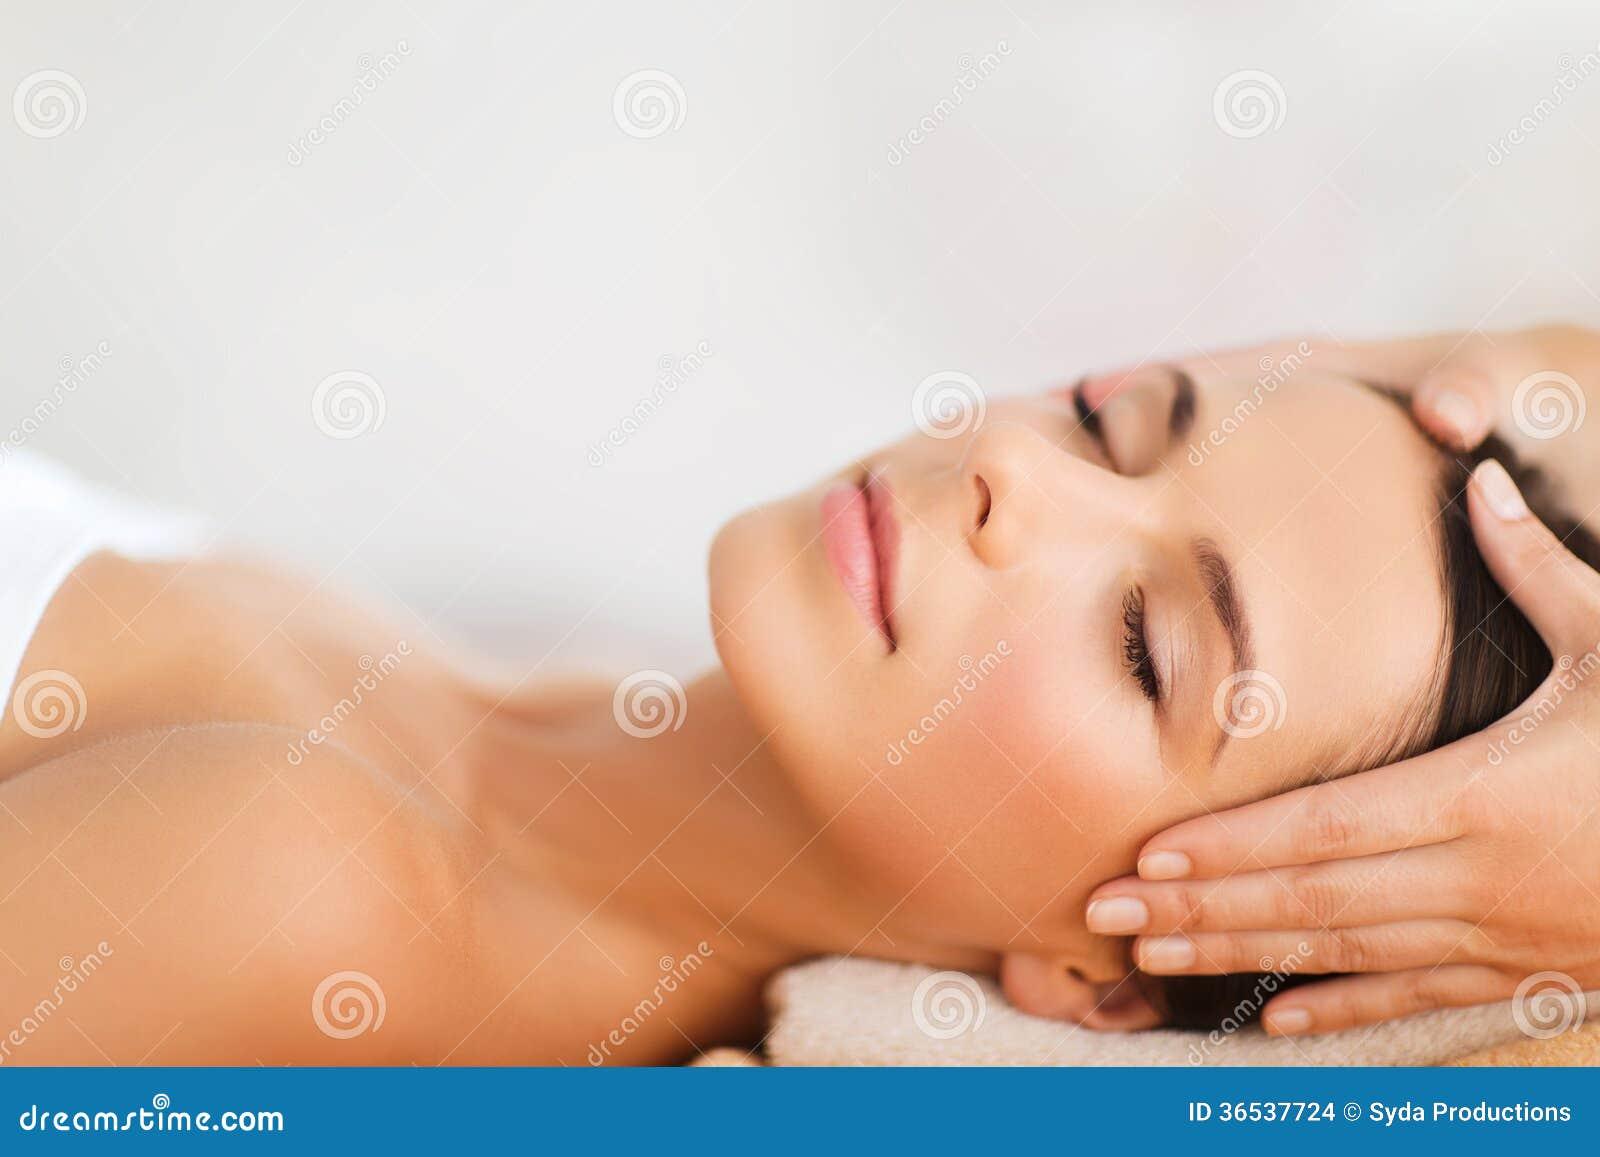 Skin Bliss Health Wellness Spa